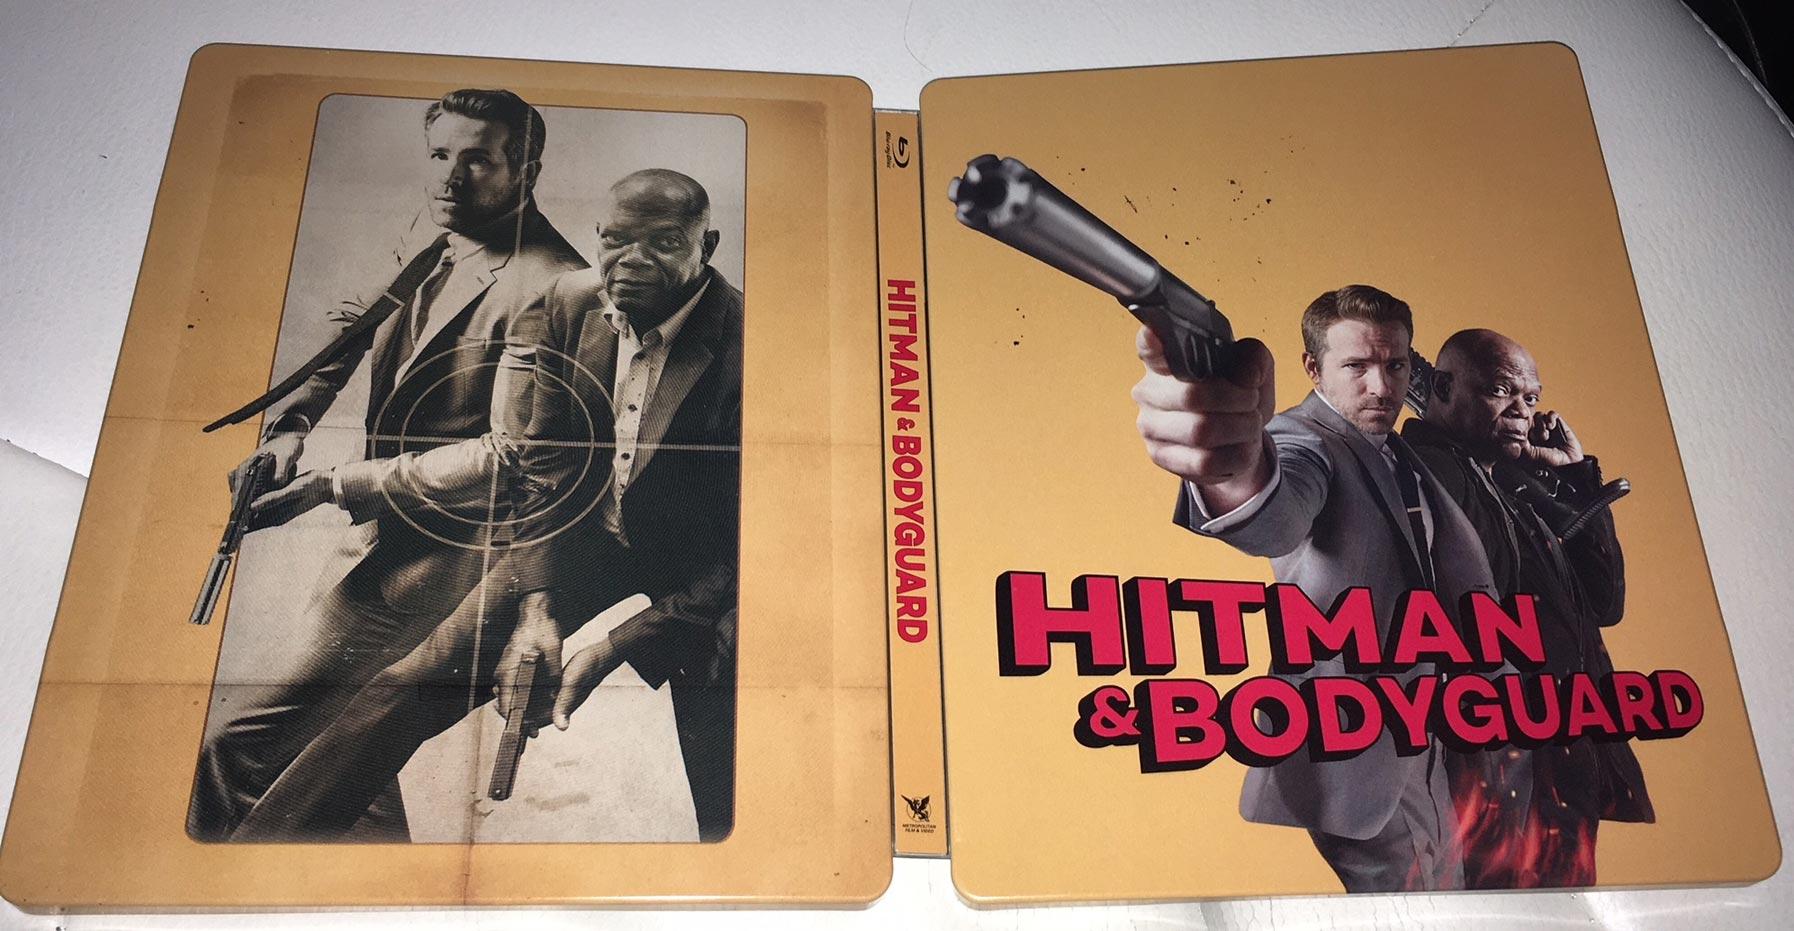 Hitman-&-Bodyguard-steelbook-1